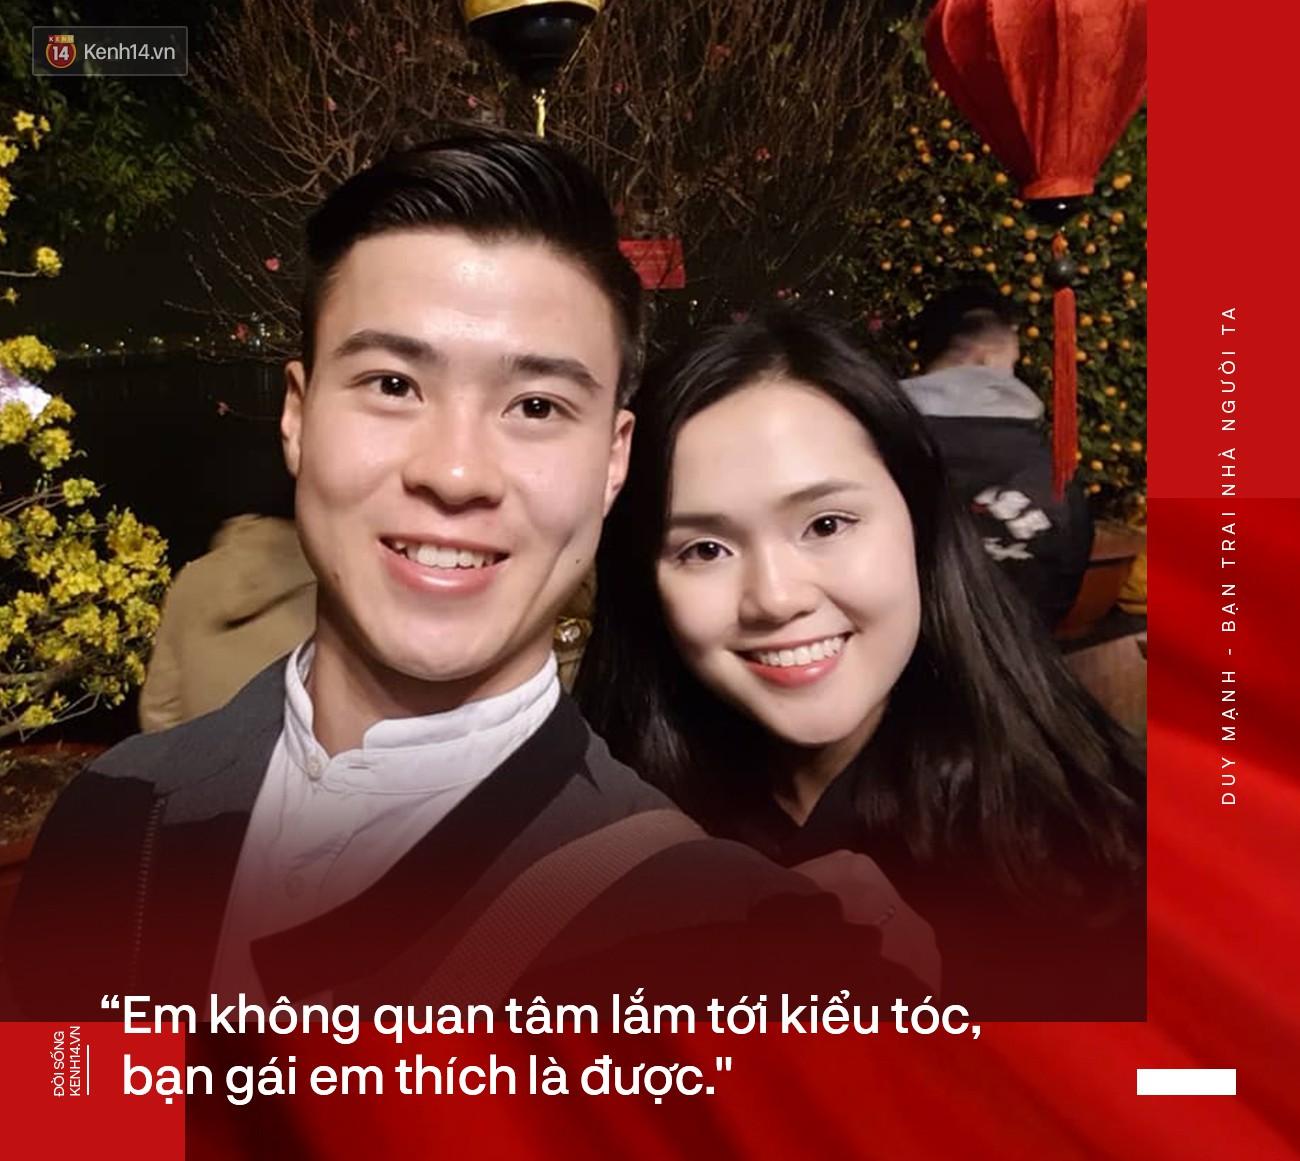 Bạn trai nhà người ta Duy Mạnh: Chiến thắng, vinh quang hay mọi điều tốt đẹp nhất đều dành tặng bạn gái-6